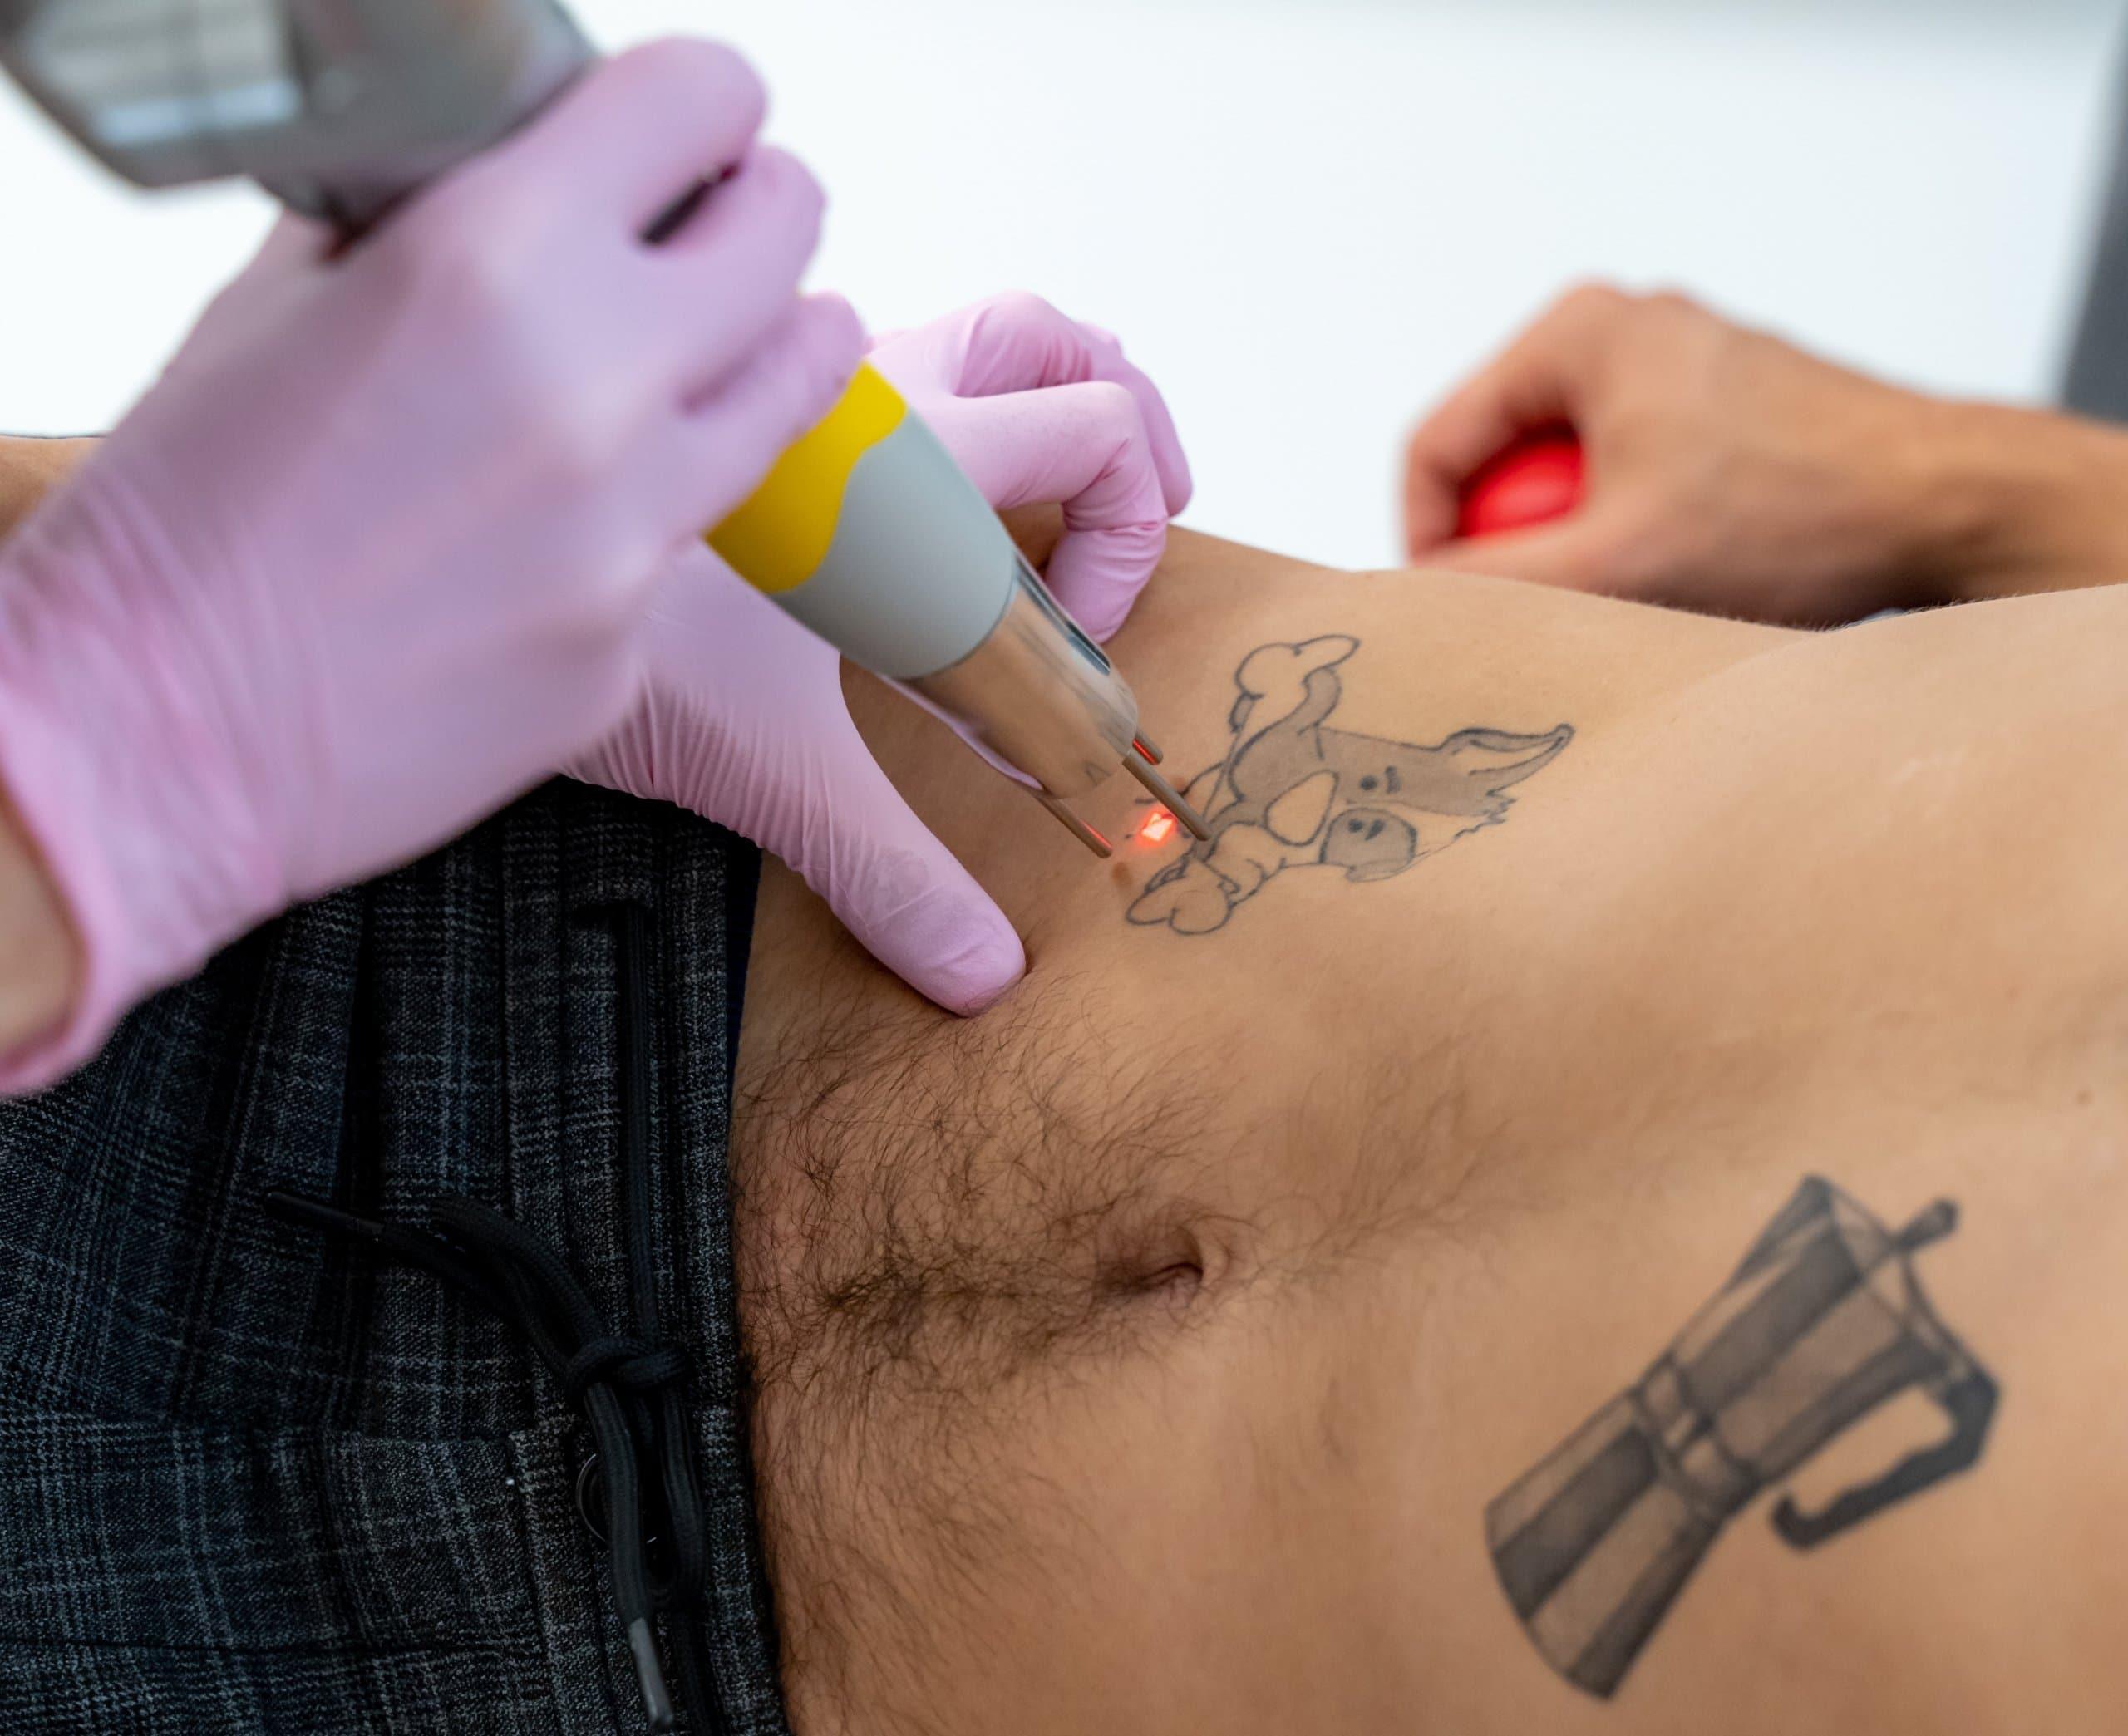 Laserbehandlung um Tattoo auszubessern